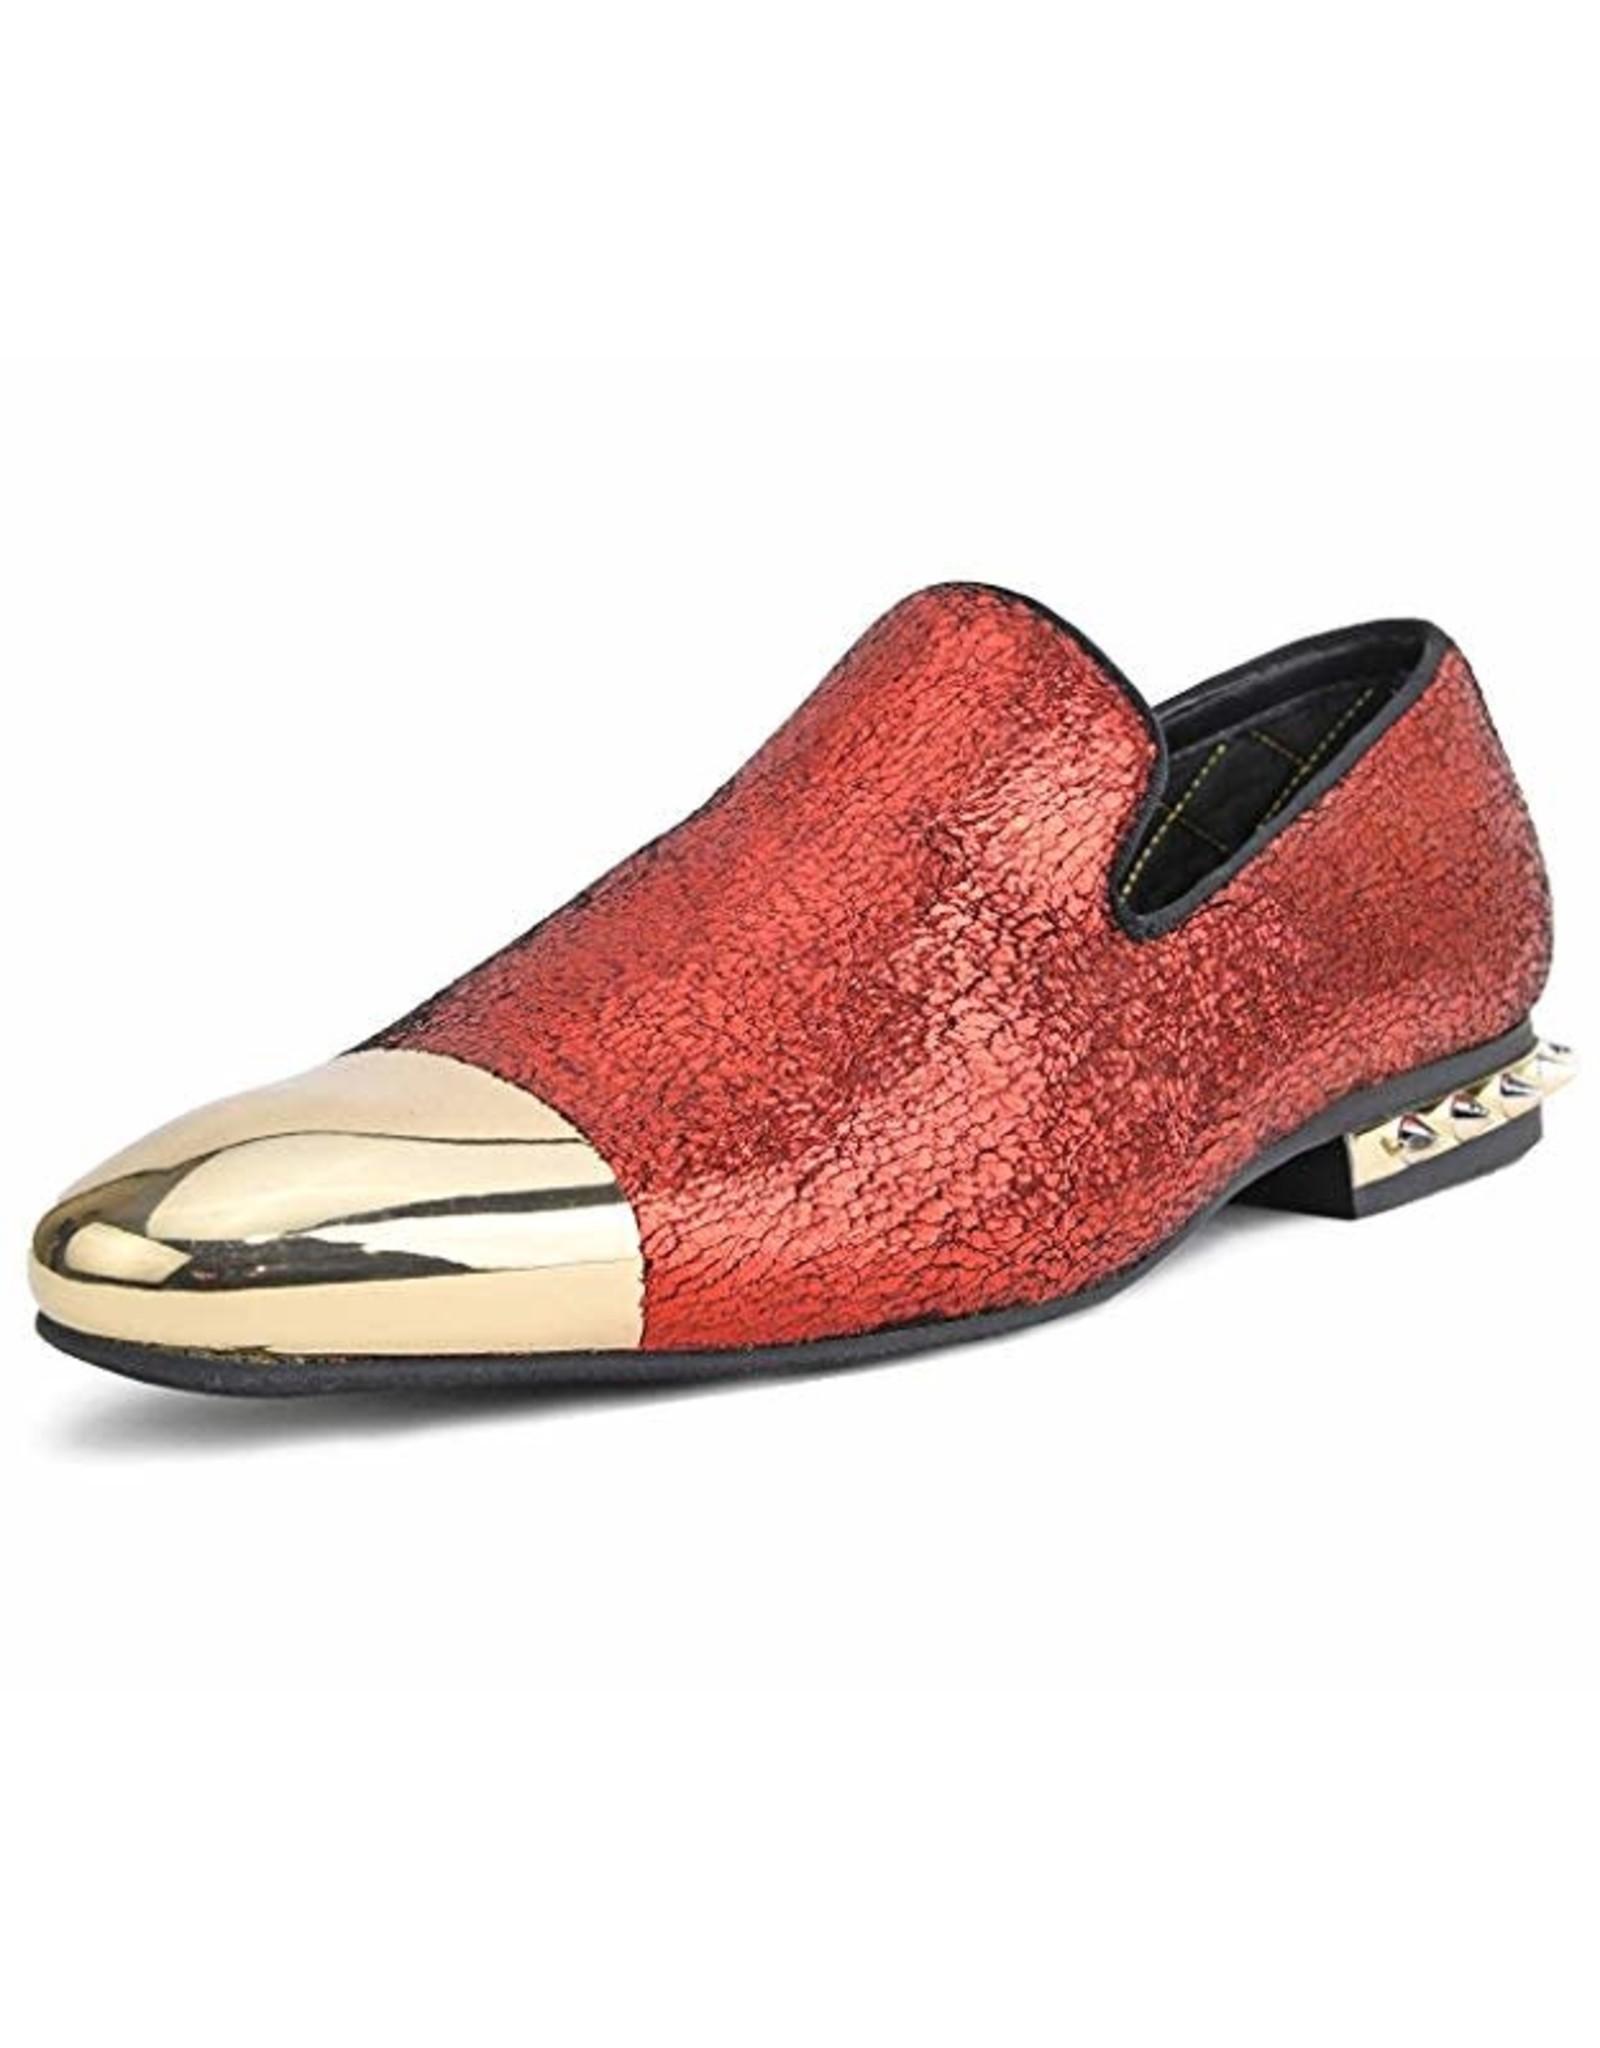 Amali Amali Axel Formal Shoe - Red/Gold